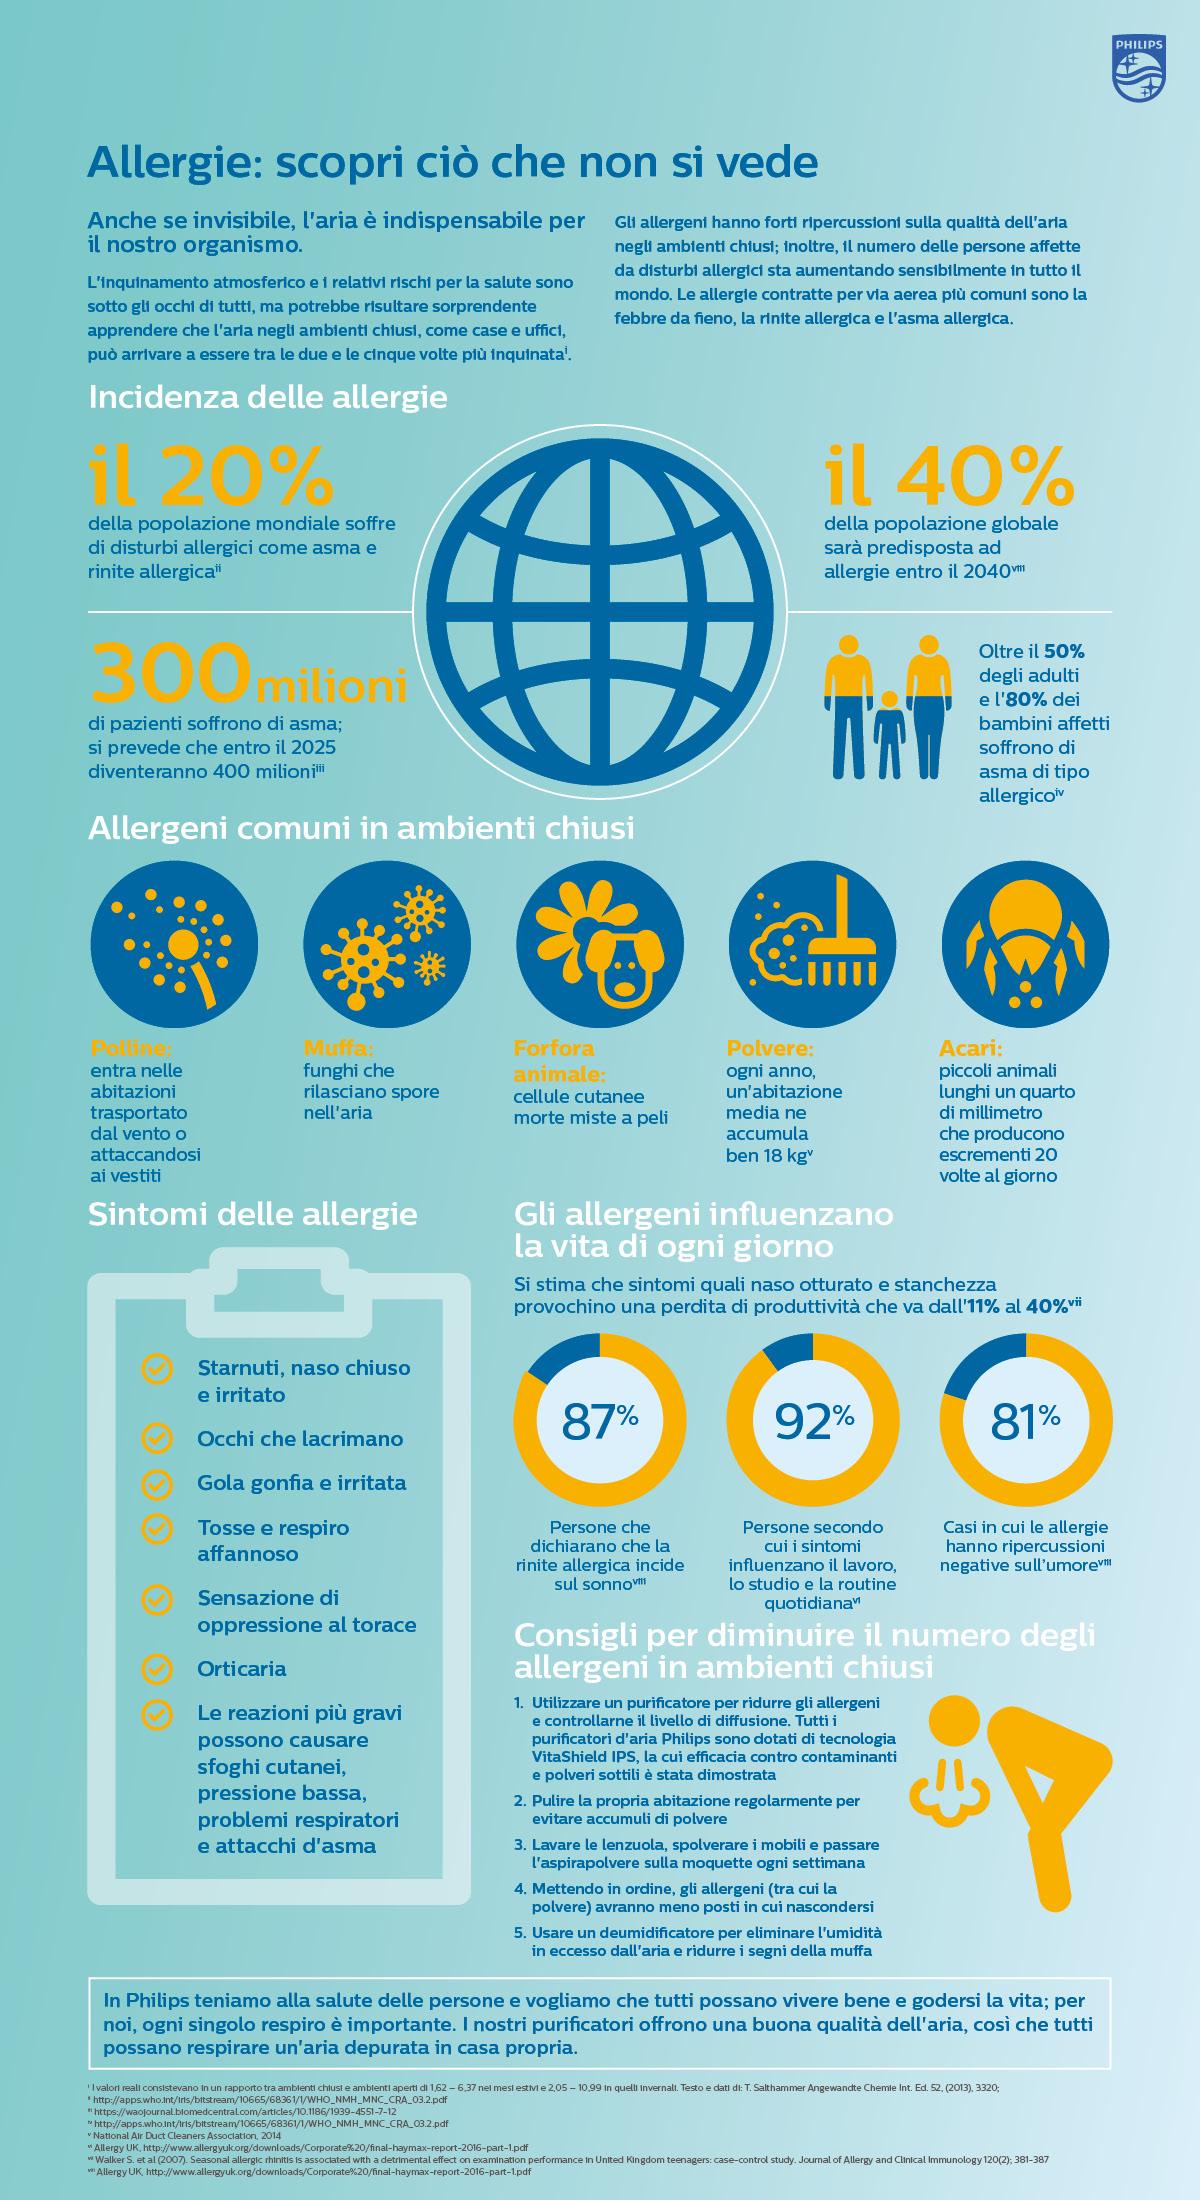 Infografica sulle allergie